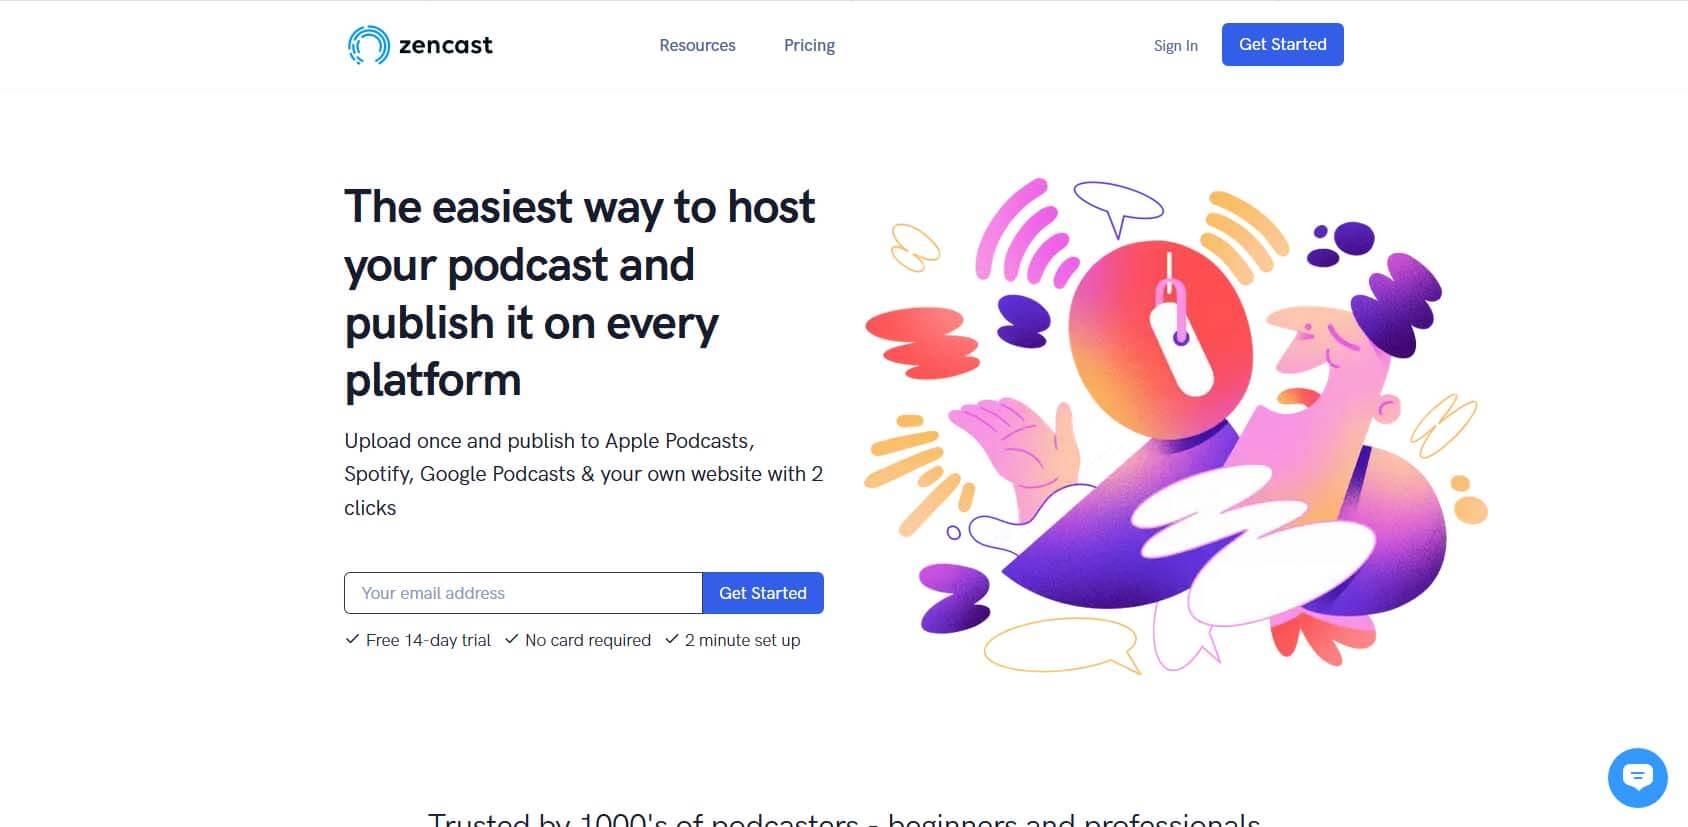 ZenCast homepage